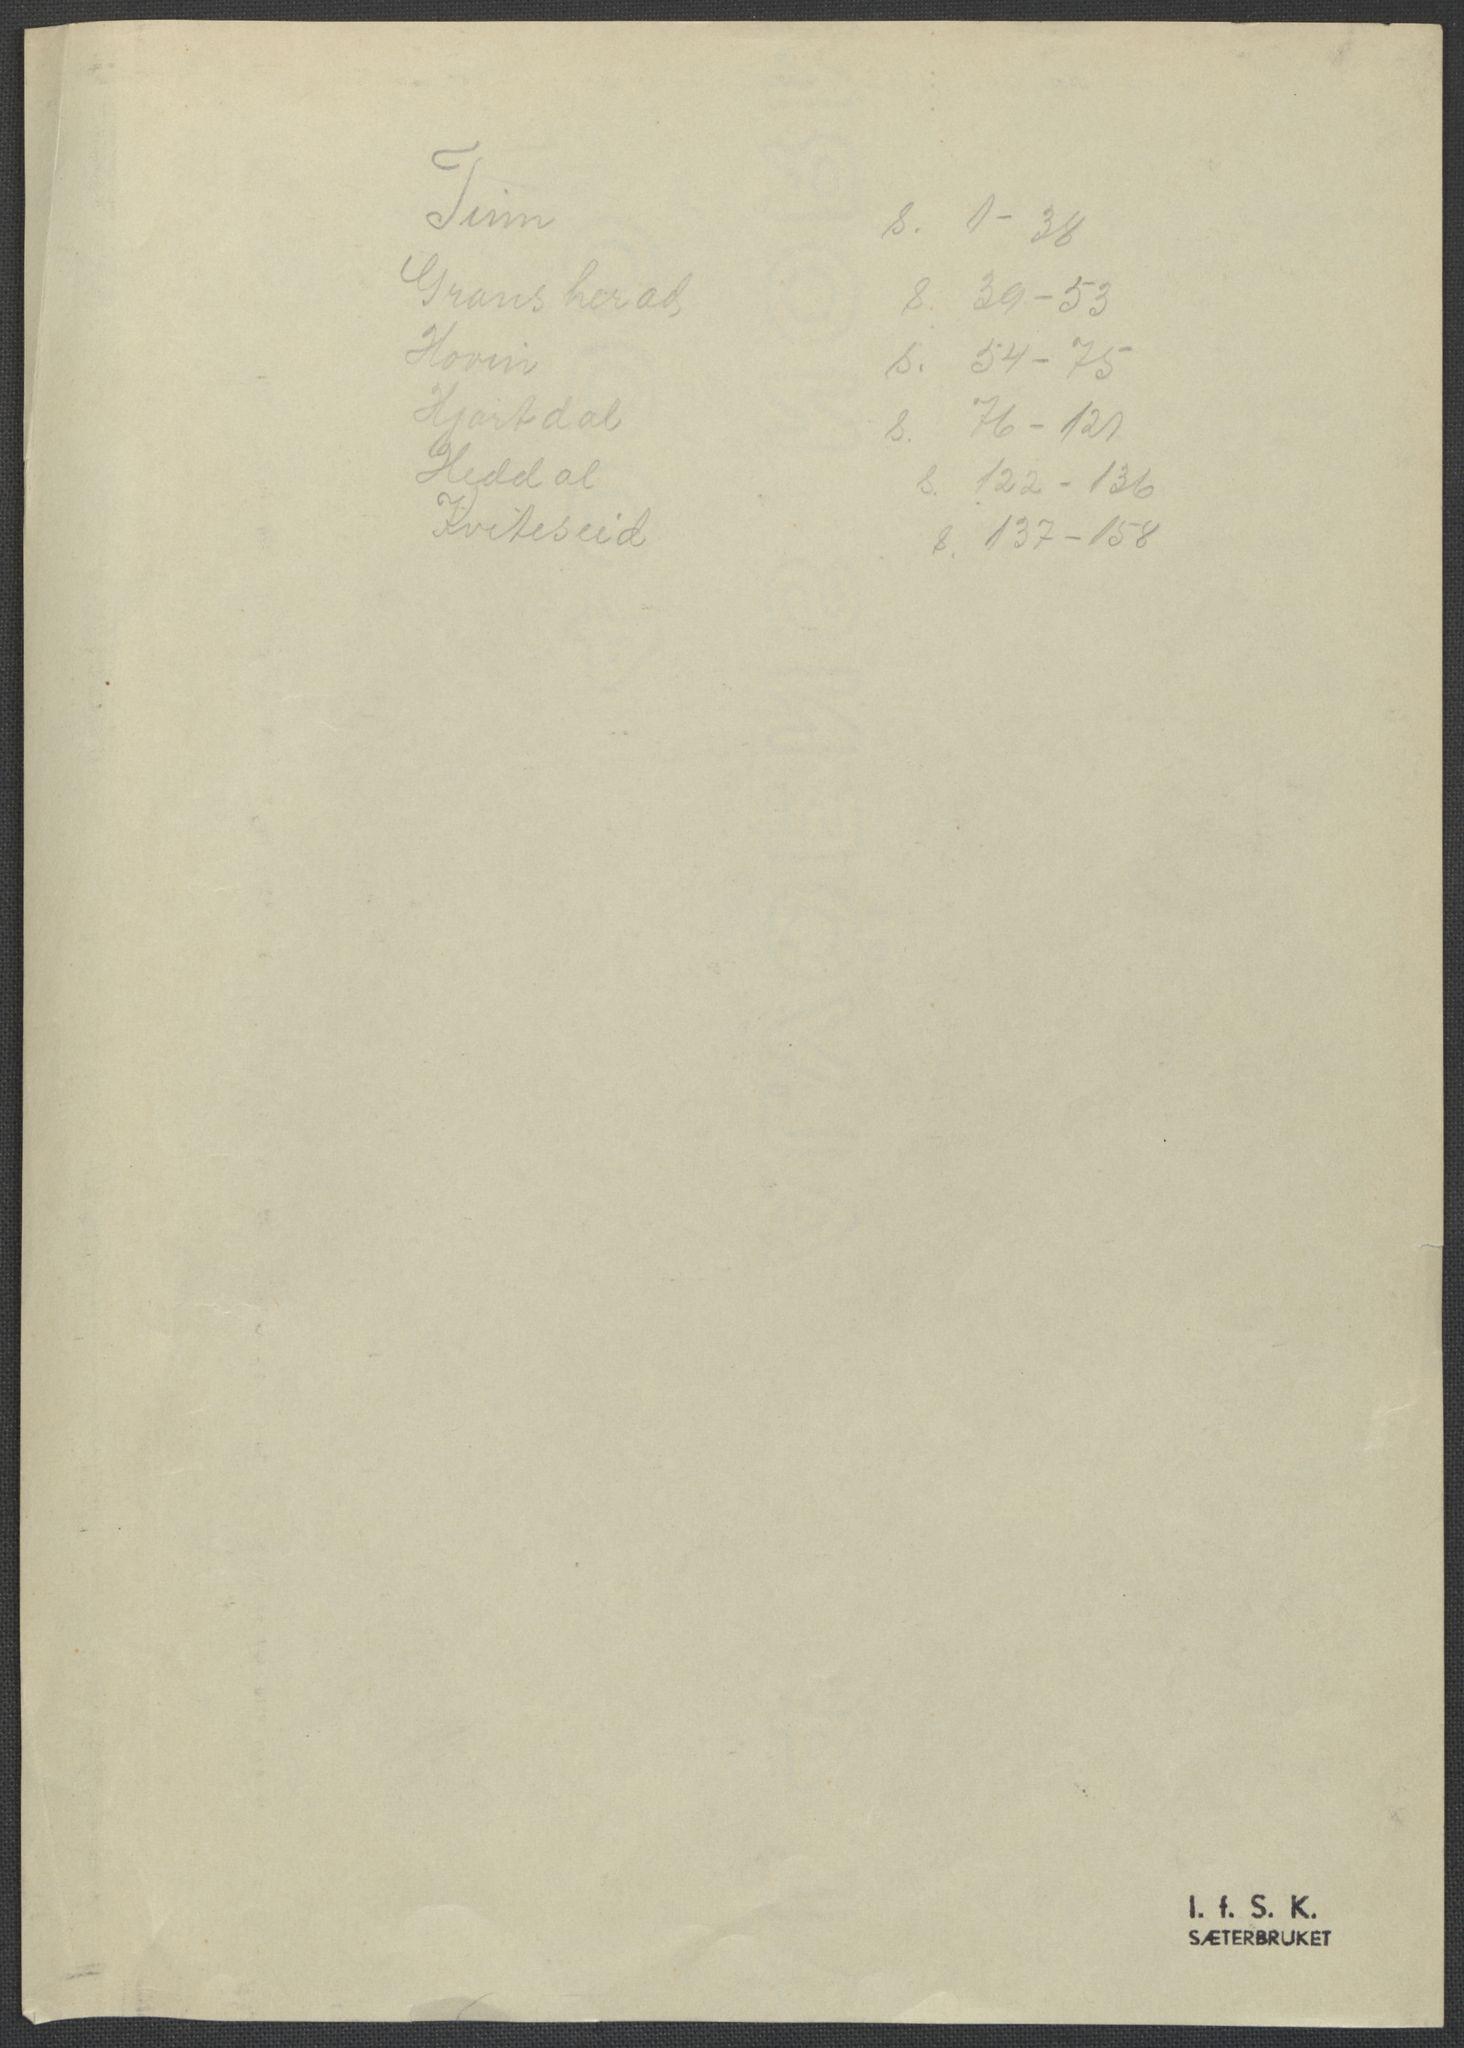 RA, Instituttet for sammenlignende kulturforskning, F/Fc/L0007: Eske B7:, 1934-1937, s. upaginert